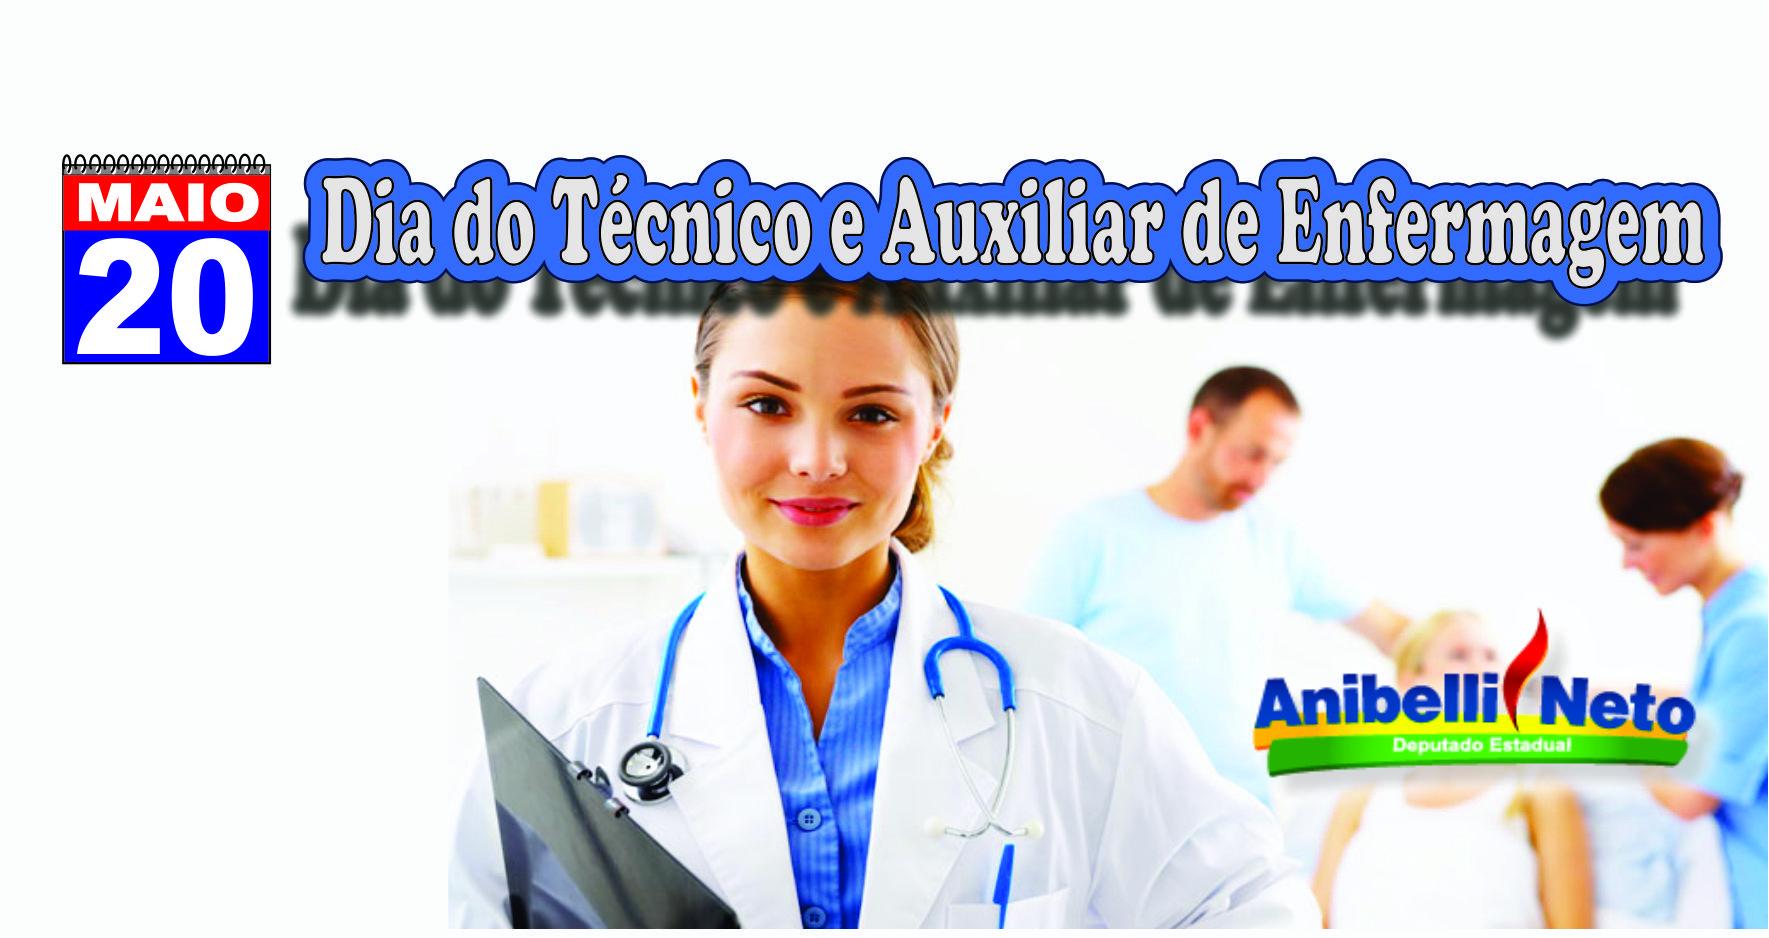 Dia Nacional do Técnico e Auxiliar de Enfermagem